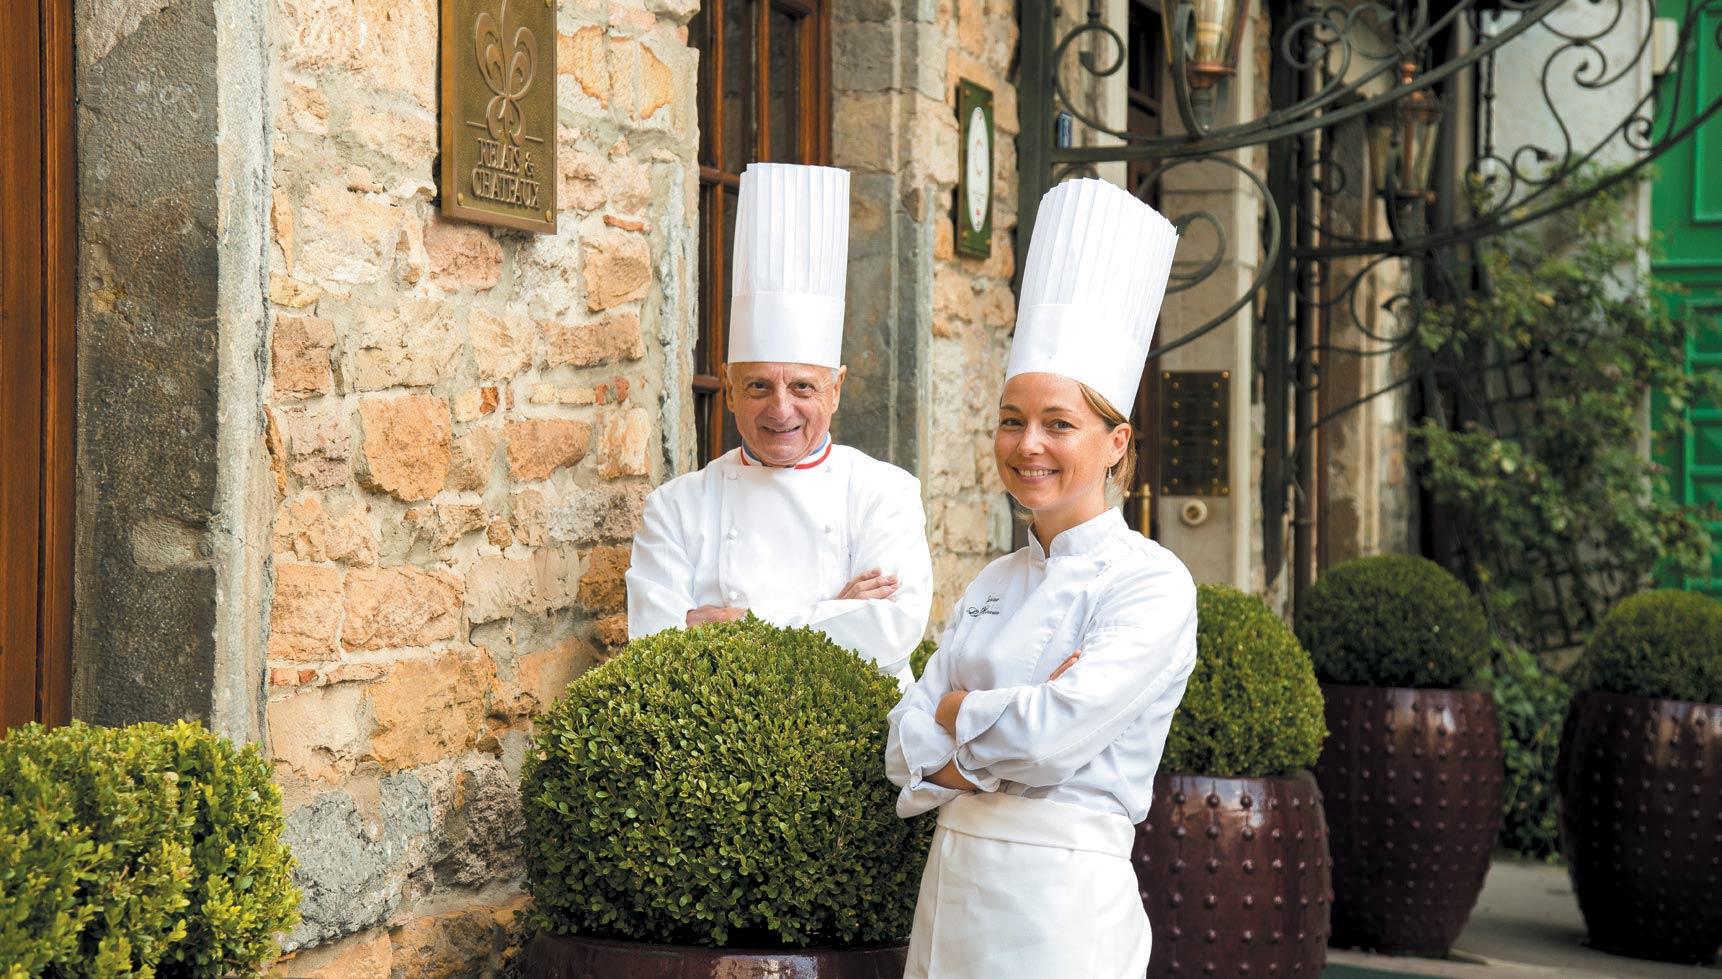 Restaurant Pierre ORSI Relais & Châteaux - Pierre Orsi